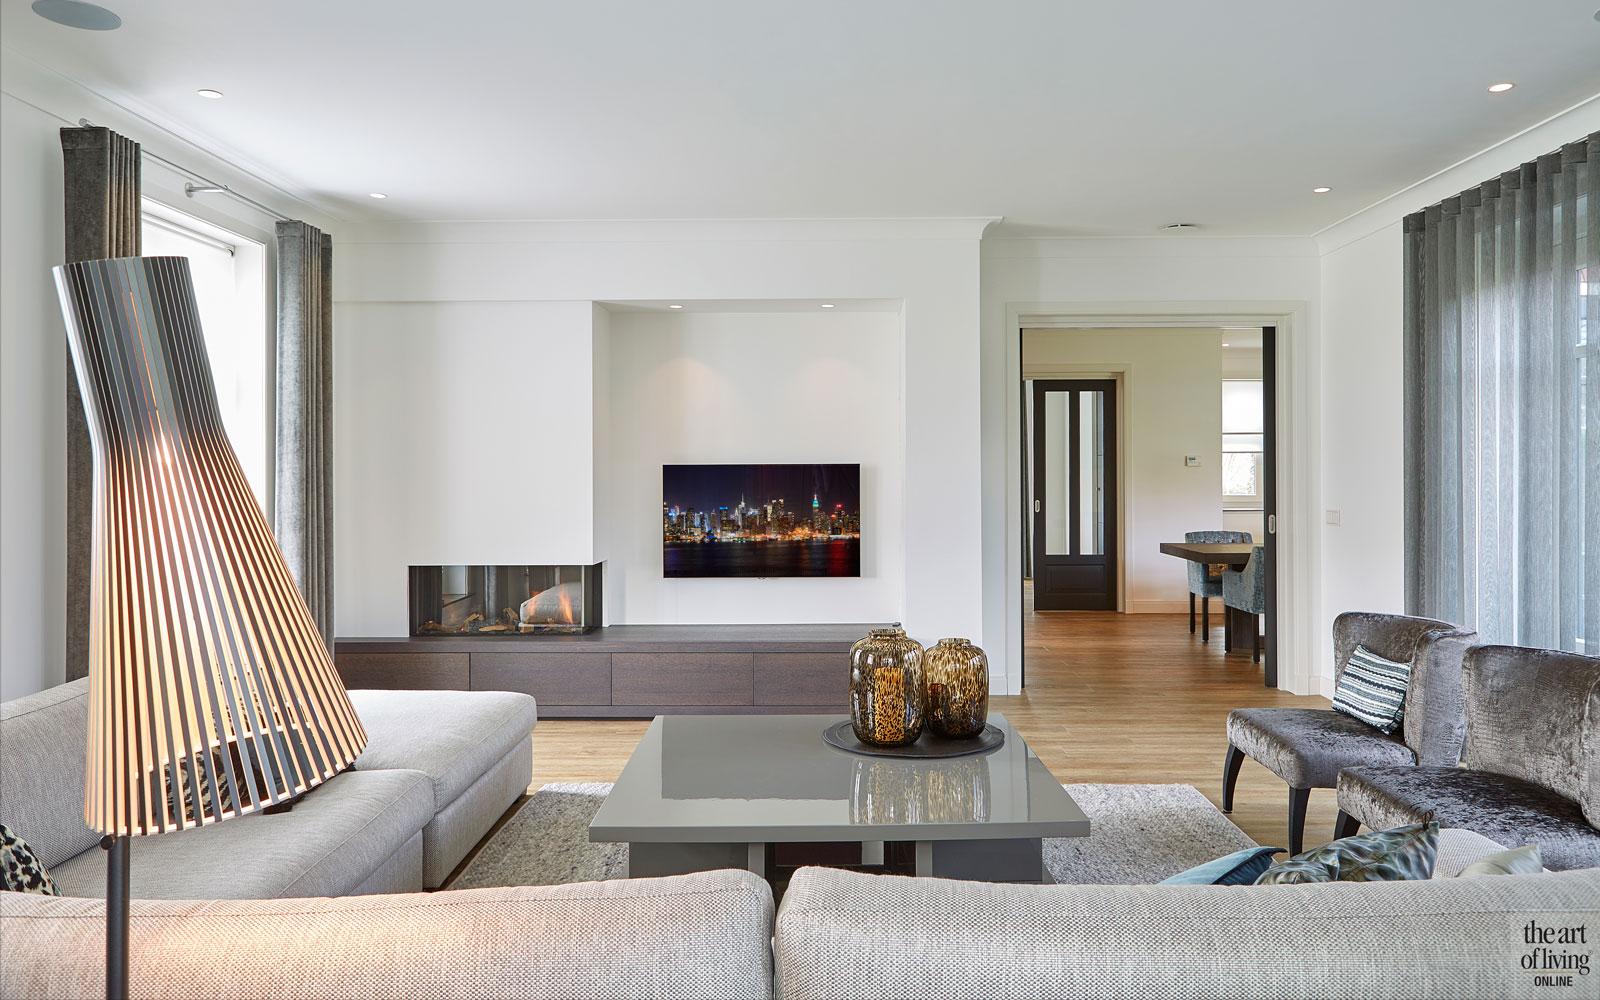 Woonkamer, living, Open haard, Verbruggen Fire & Design, Heerenhuys Interieurs, jaren 30 villa, Marco Daverveld